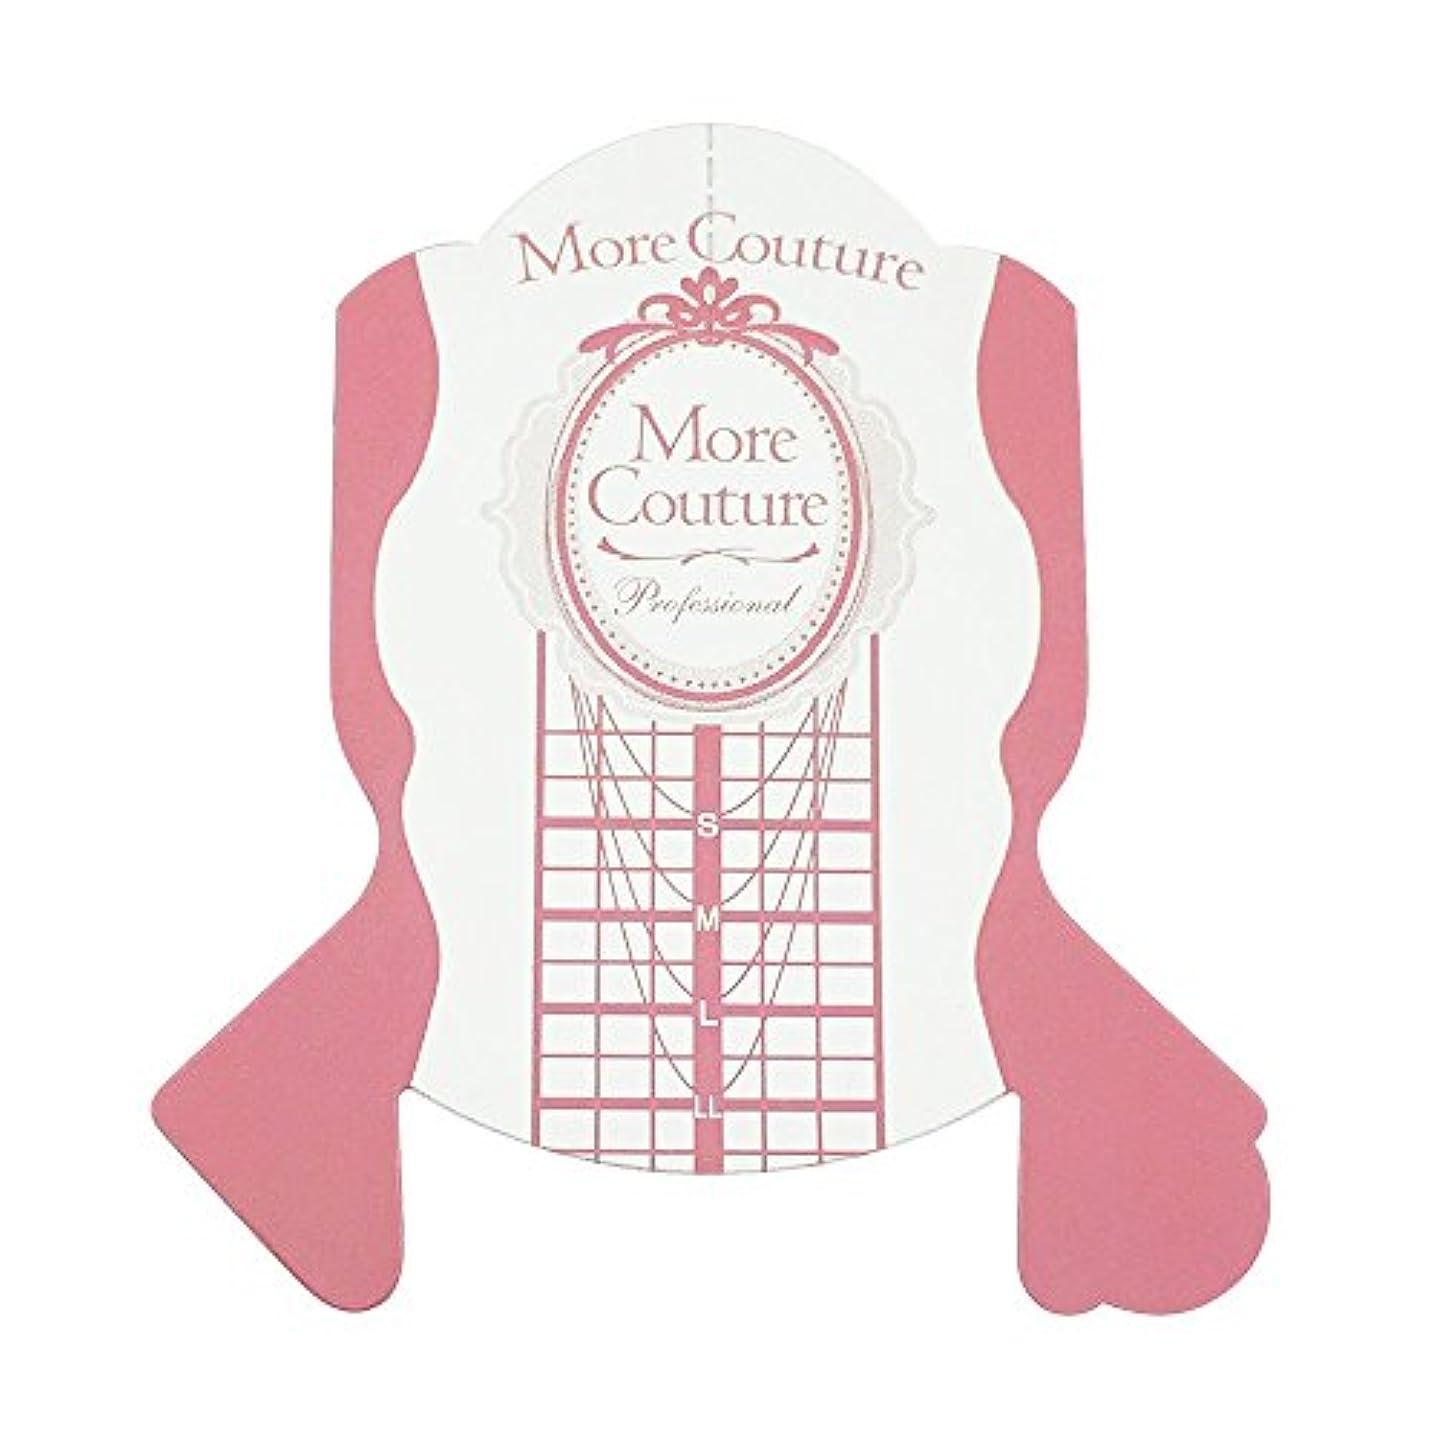 判読できないどこチキンMore Couture p ピンクフォーム 100枚 ネイルフォーム